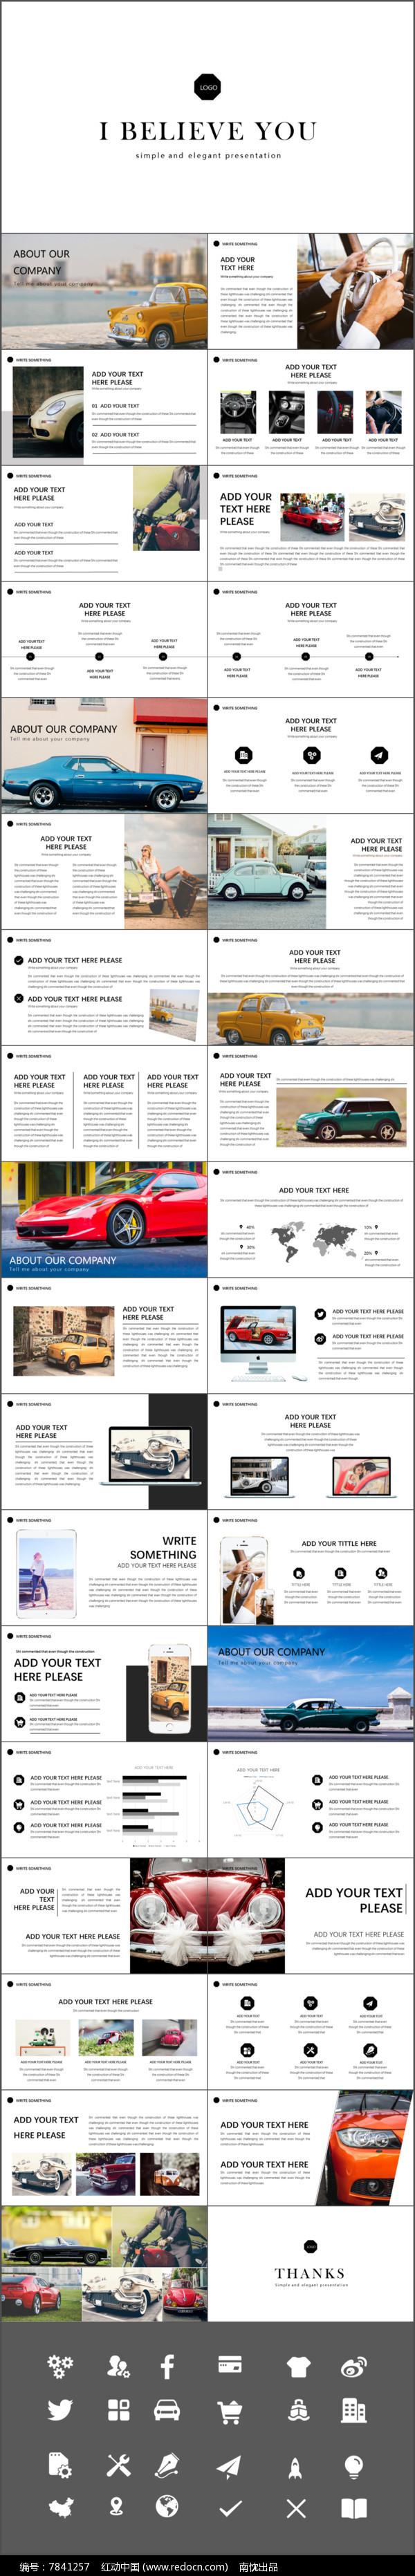 黑白简约商务汇报画册版式工作总结商业计划书ppt模版图片